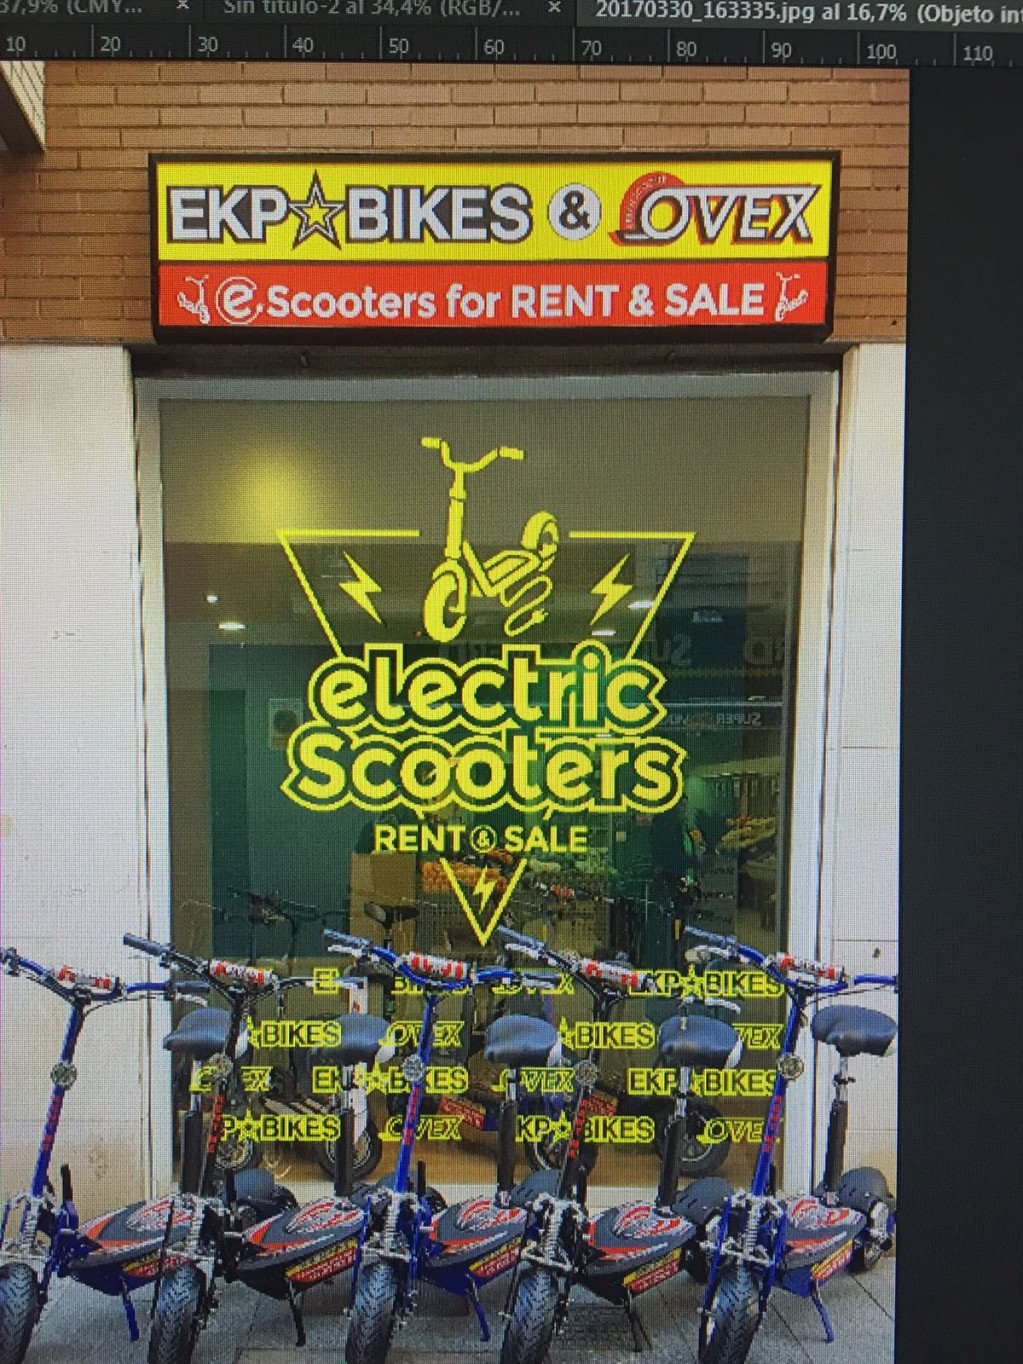 EKP Bikes - 503ea-IMG-20170331-WA0015.jpg